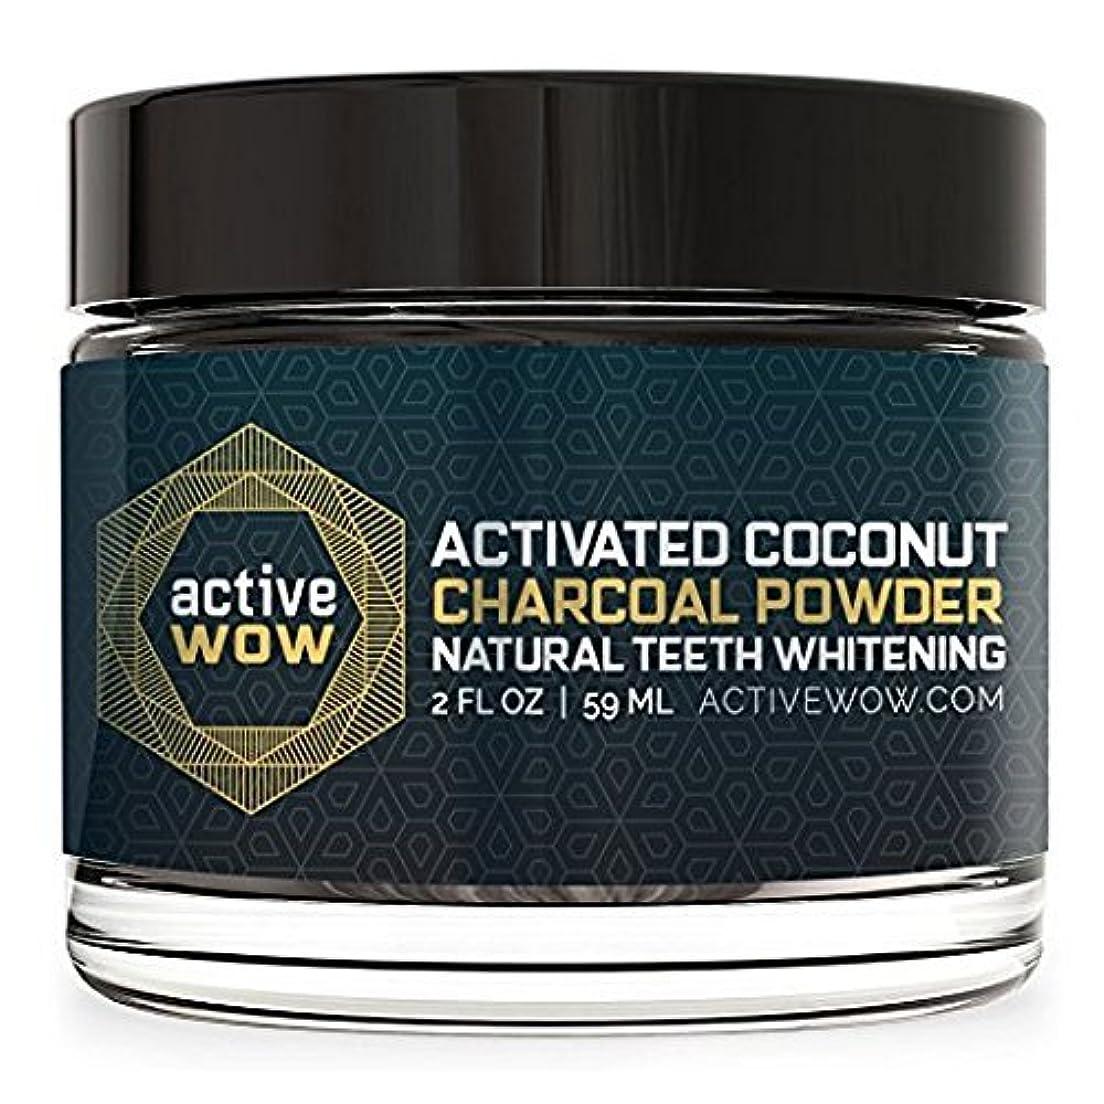 疑わしいもっともらしい野心アメリカで売れている 炭パウダー歯のホワイトニング Teeth Whitening Charcoal Powder Natural [並行輸入品]